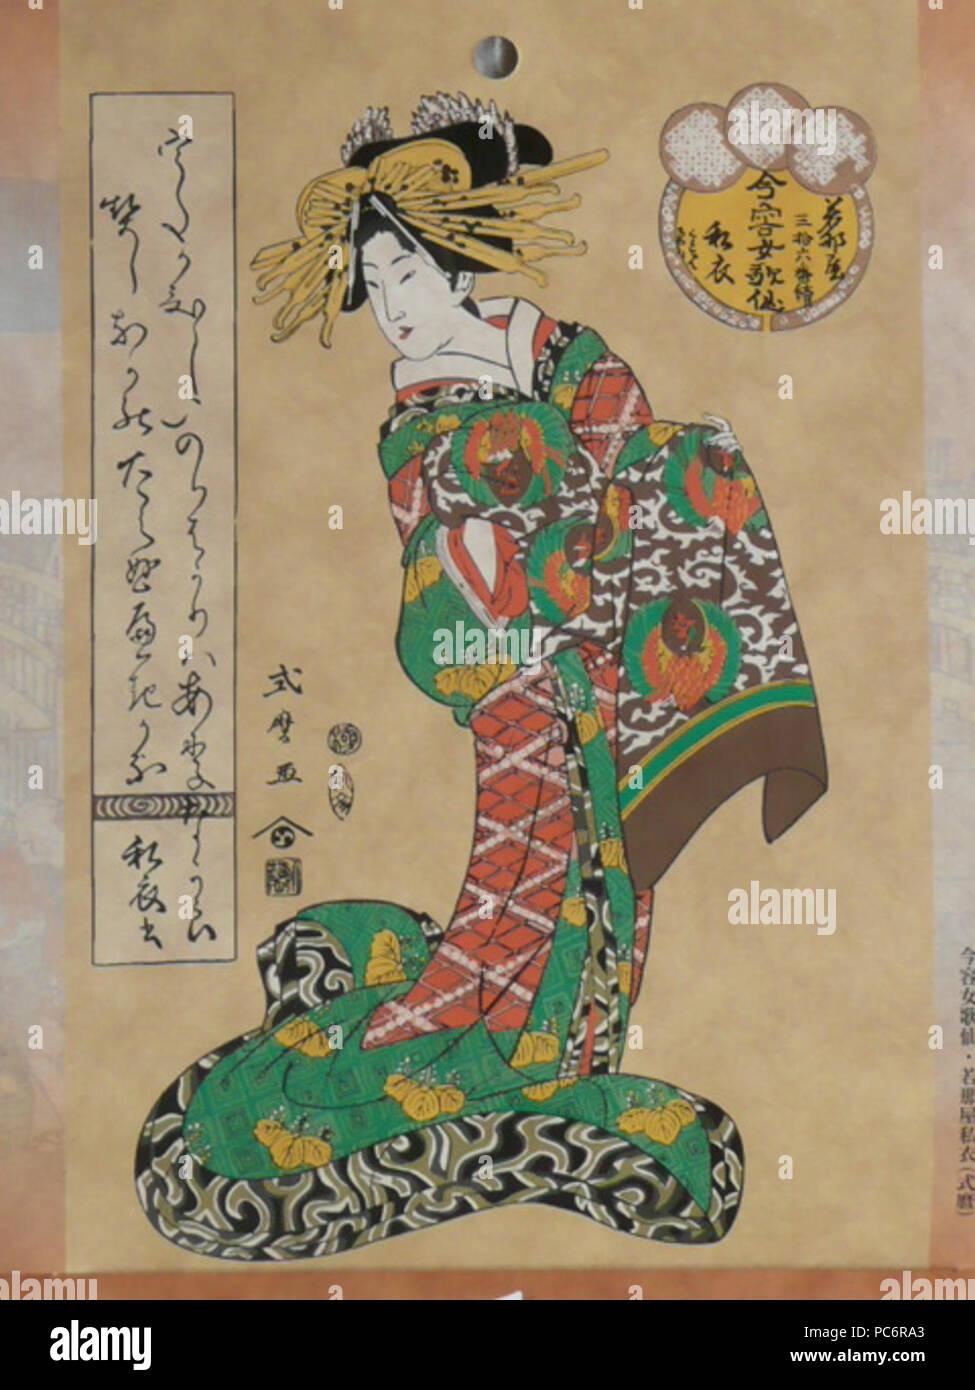 342 Kitagawa Shikimaro ukiyo-e woodblock print - Stock Image